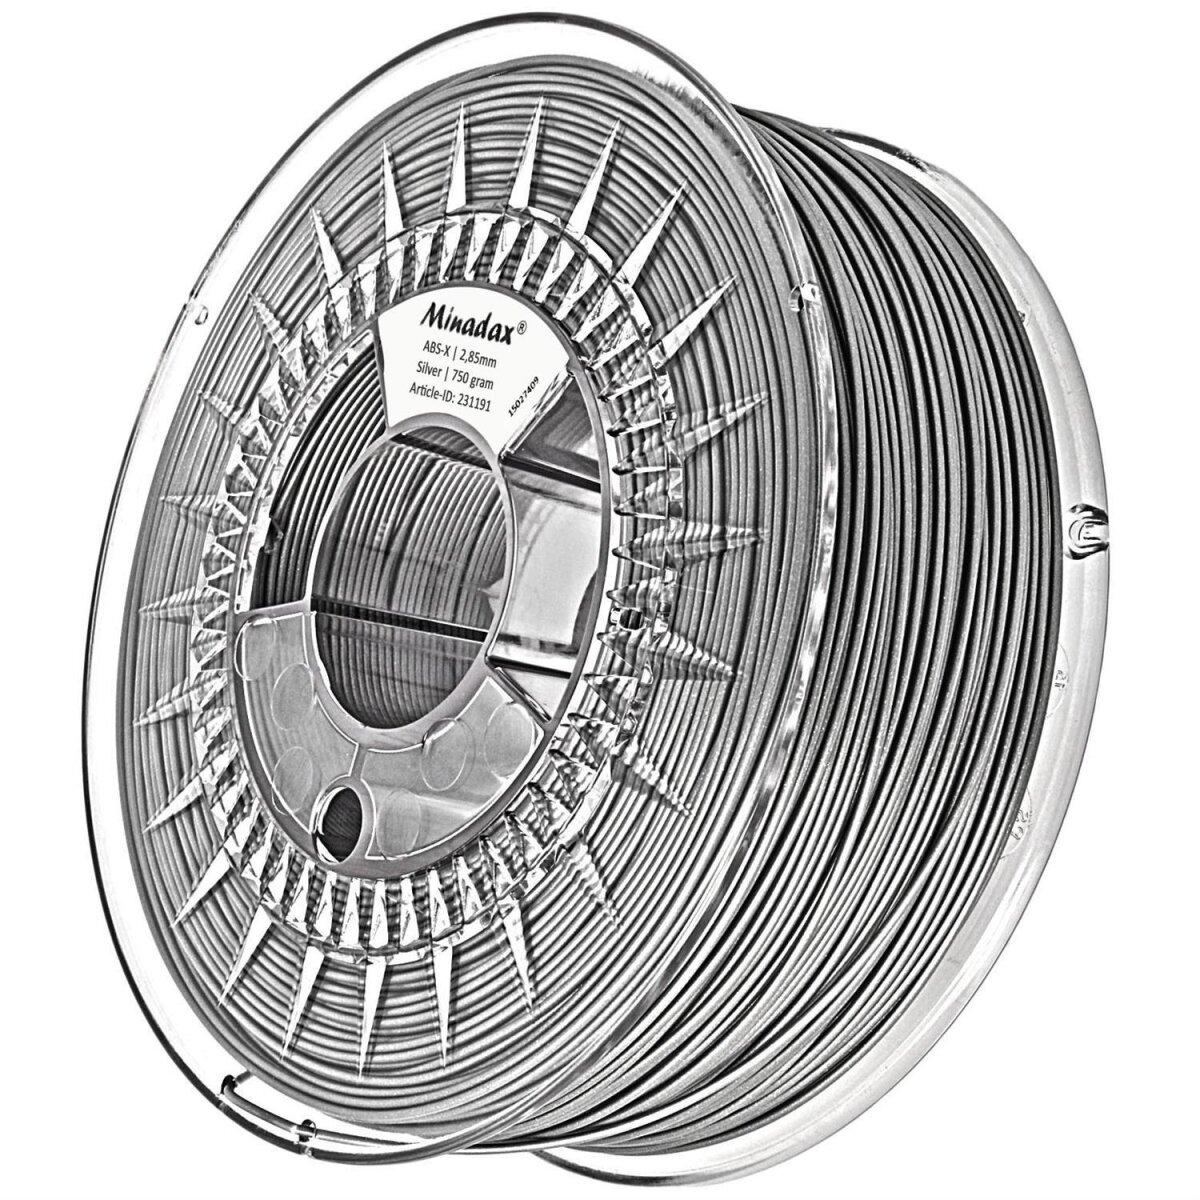 Minadax 0,75kg Premium Qualitaet 3mm (2,85mm) ABS-X-Filament silber fuer 3D-Drucker hergestellt in Europa